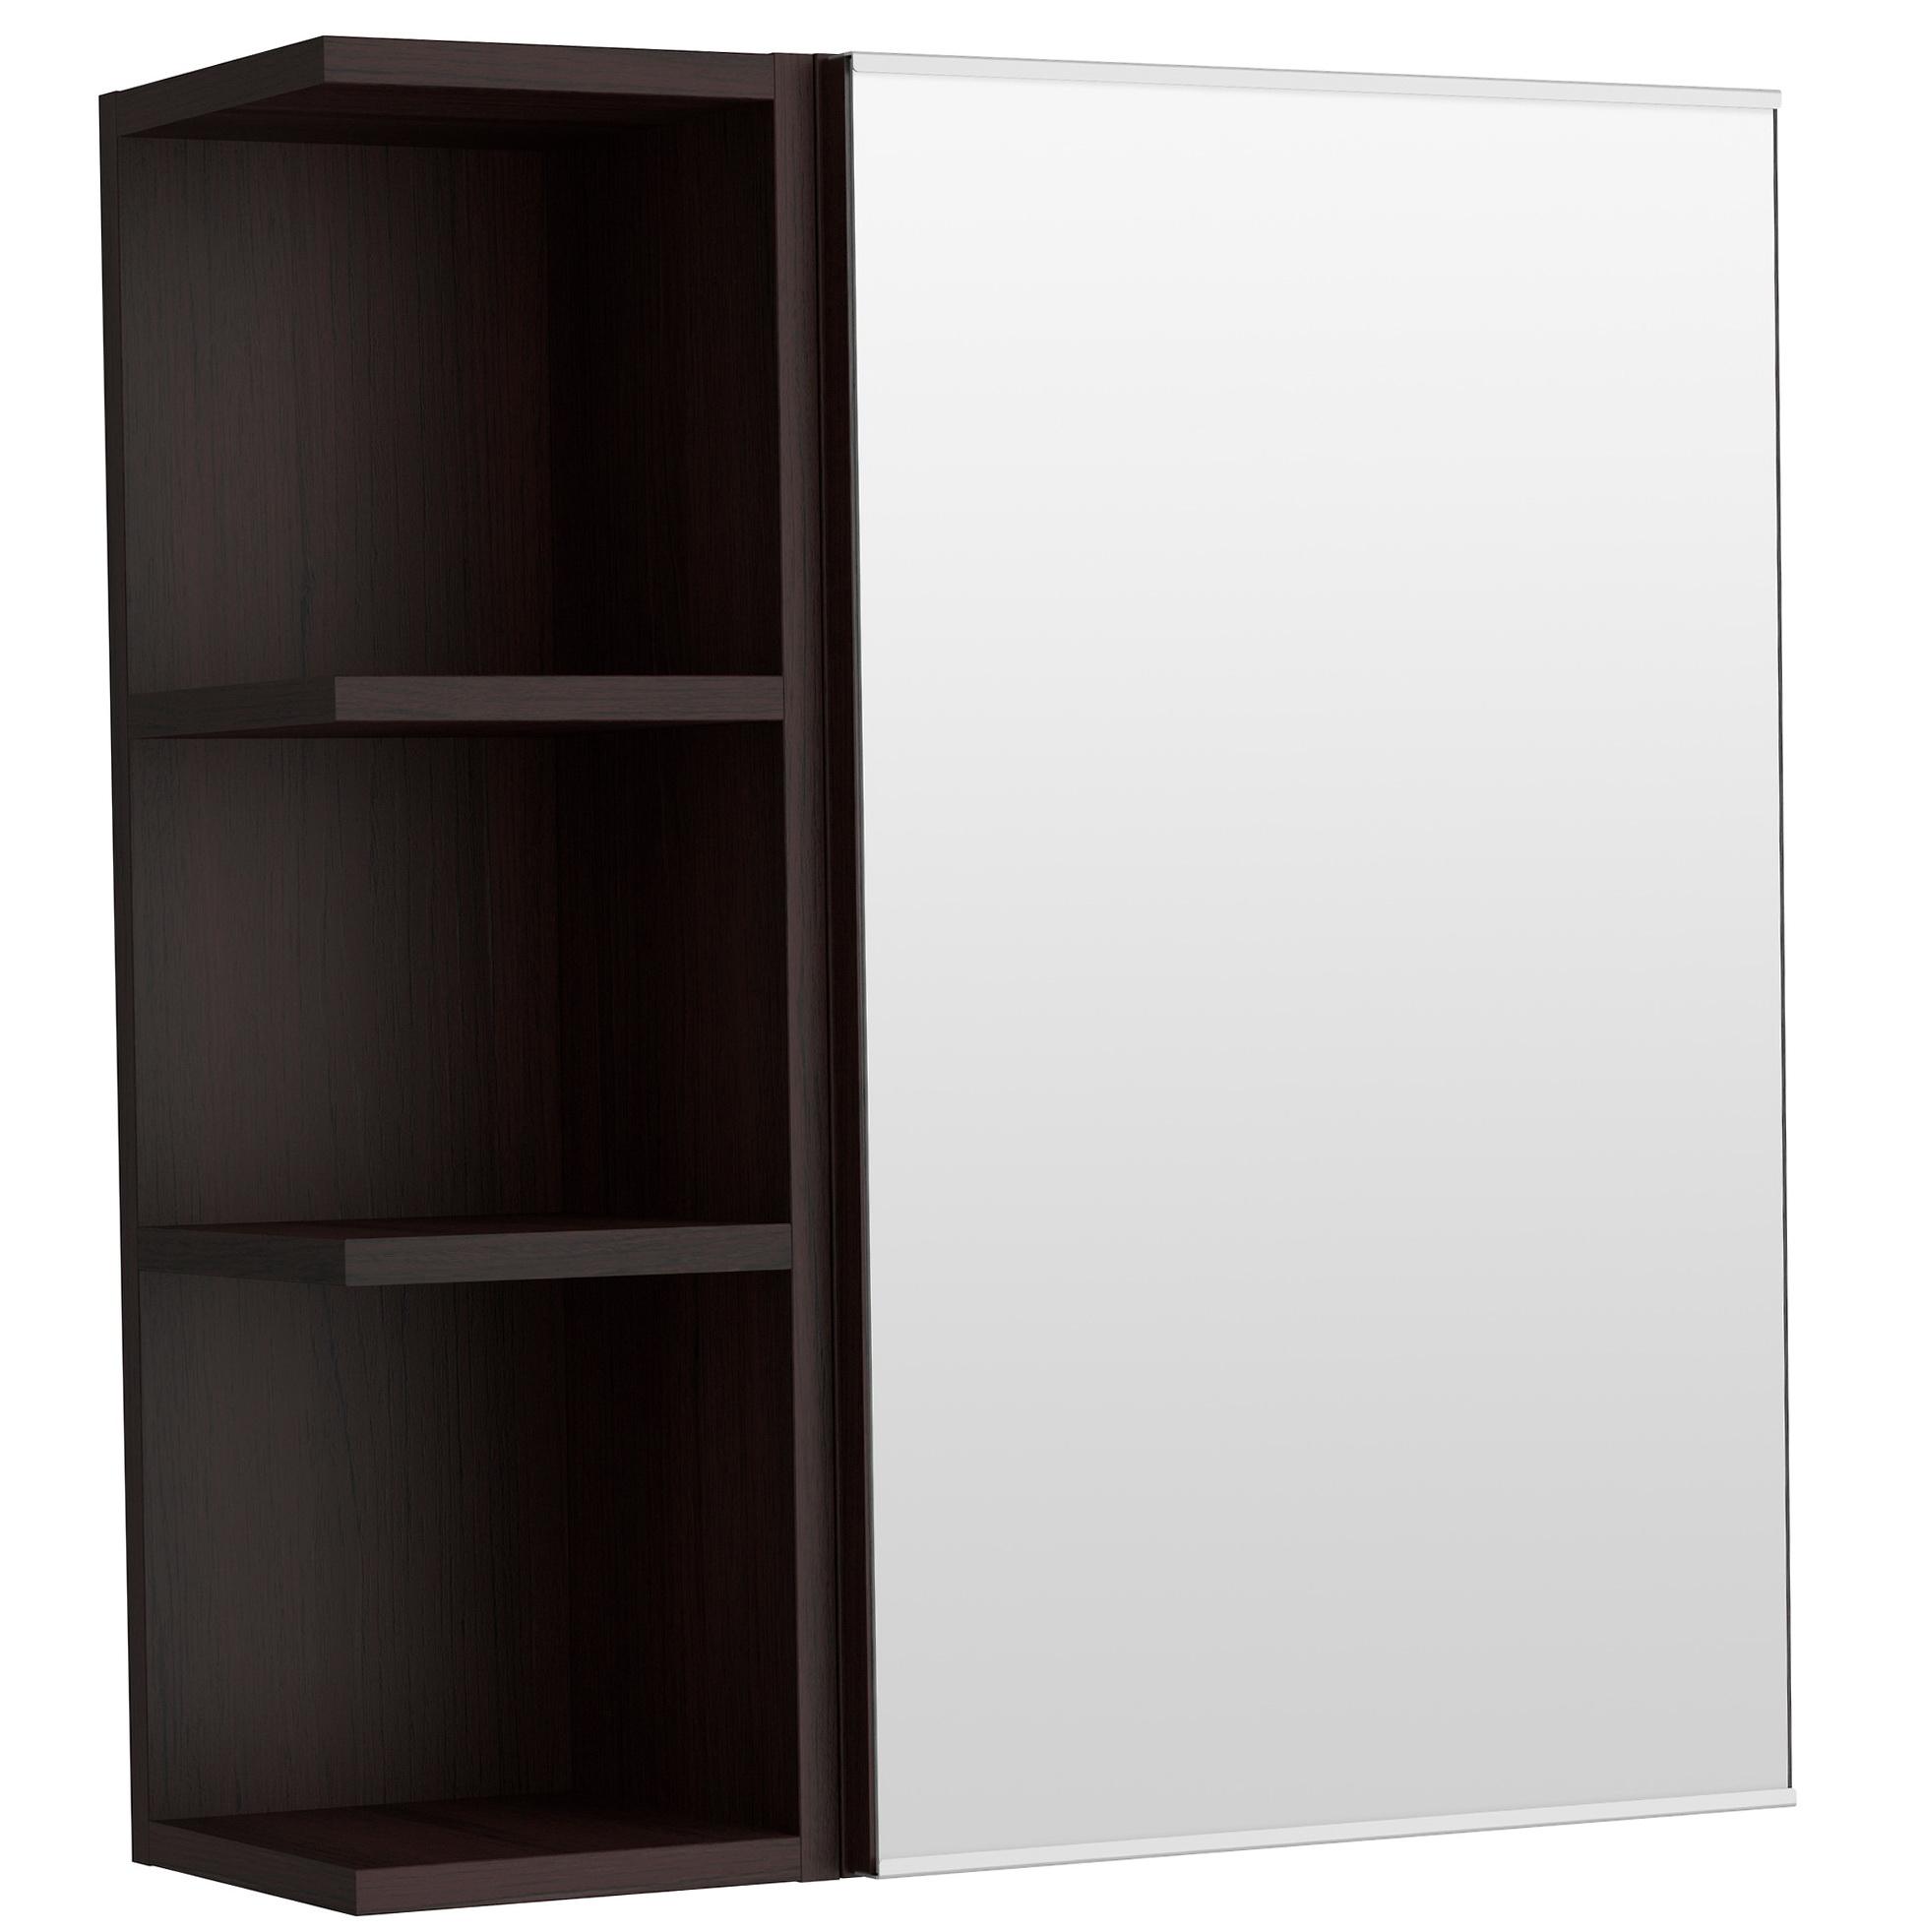 Ikea Bathroom Mirror Light: Ikea Bathroom Mirror Shelf